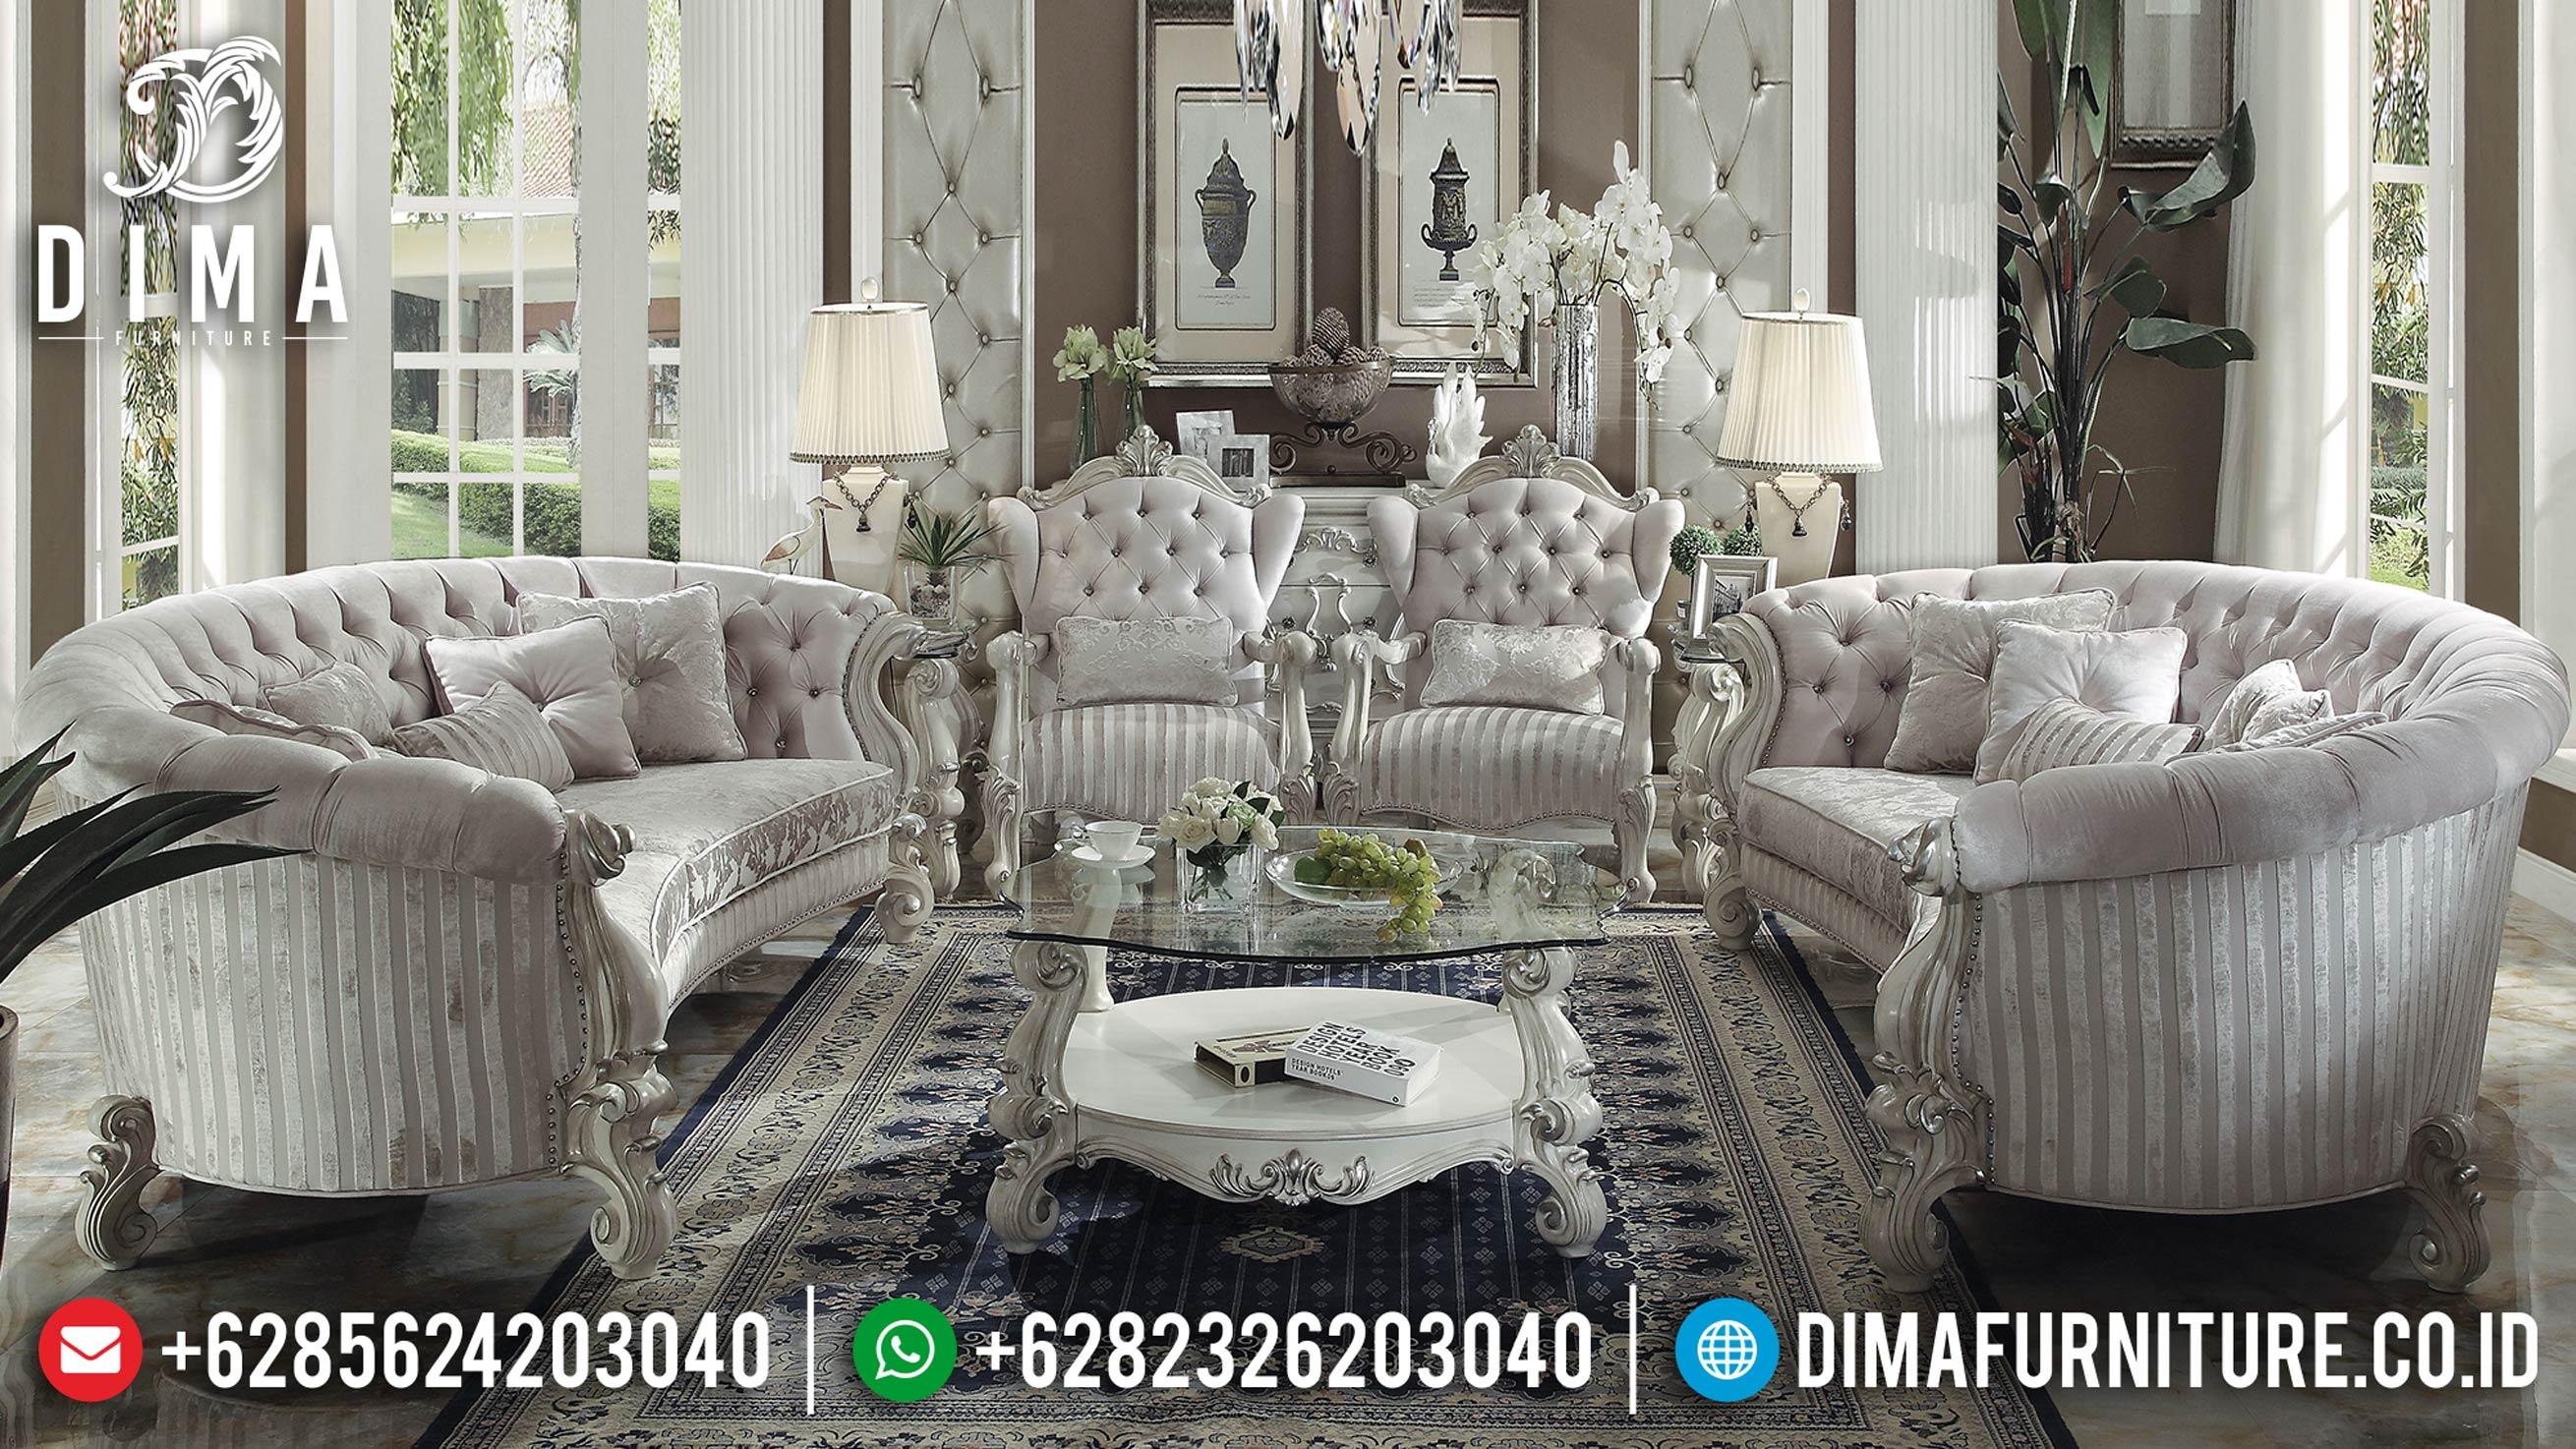 Jual Sofa Ruang Tamu, Sofa Tamu Mewah, Kursi Sofa Tamu Jepara 2019 ST-0619 Gambar 1